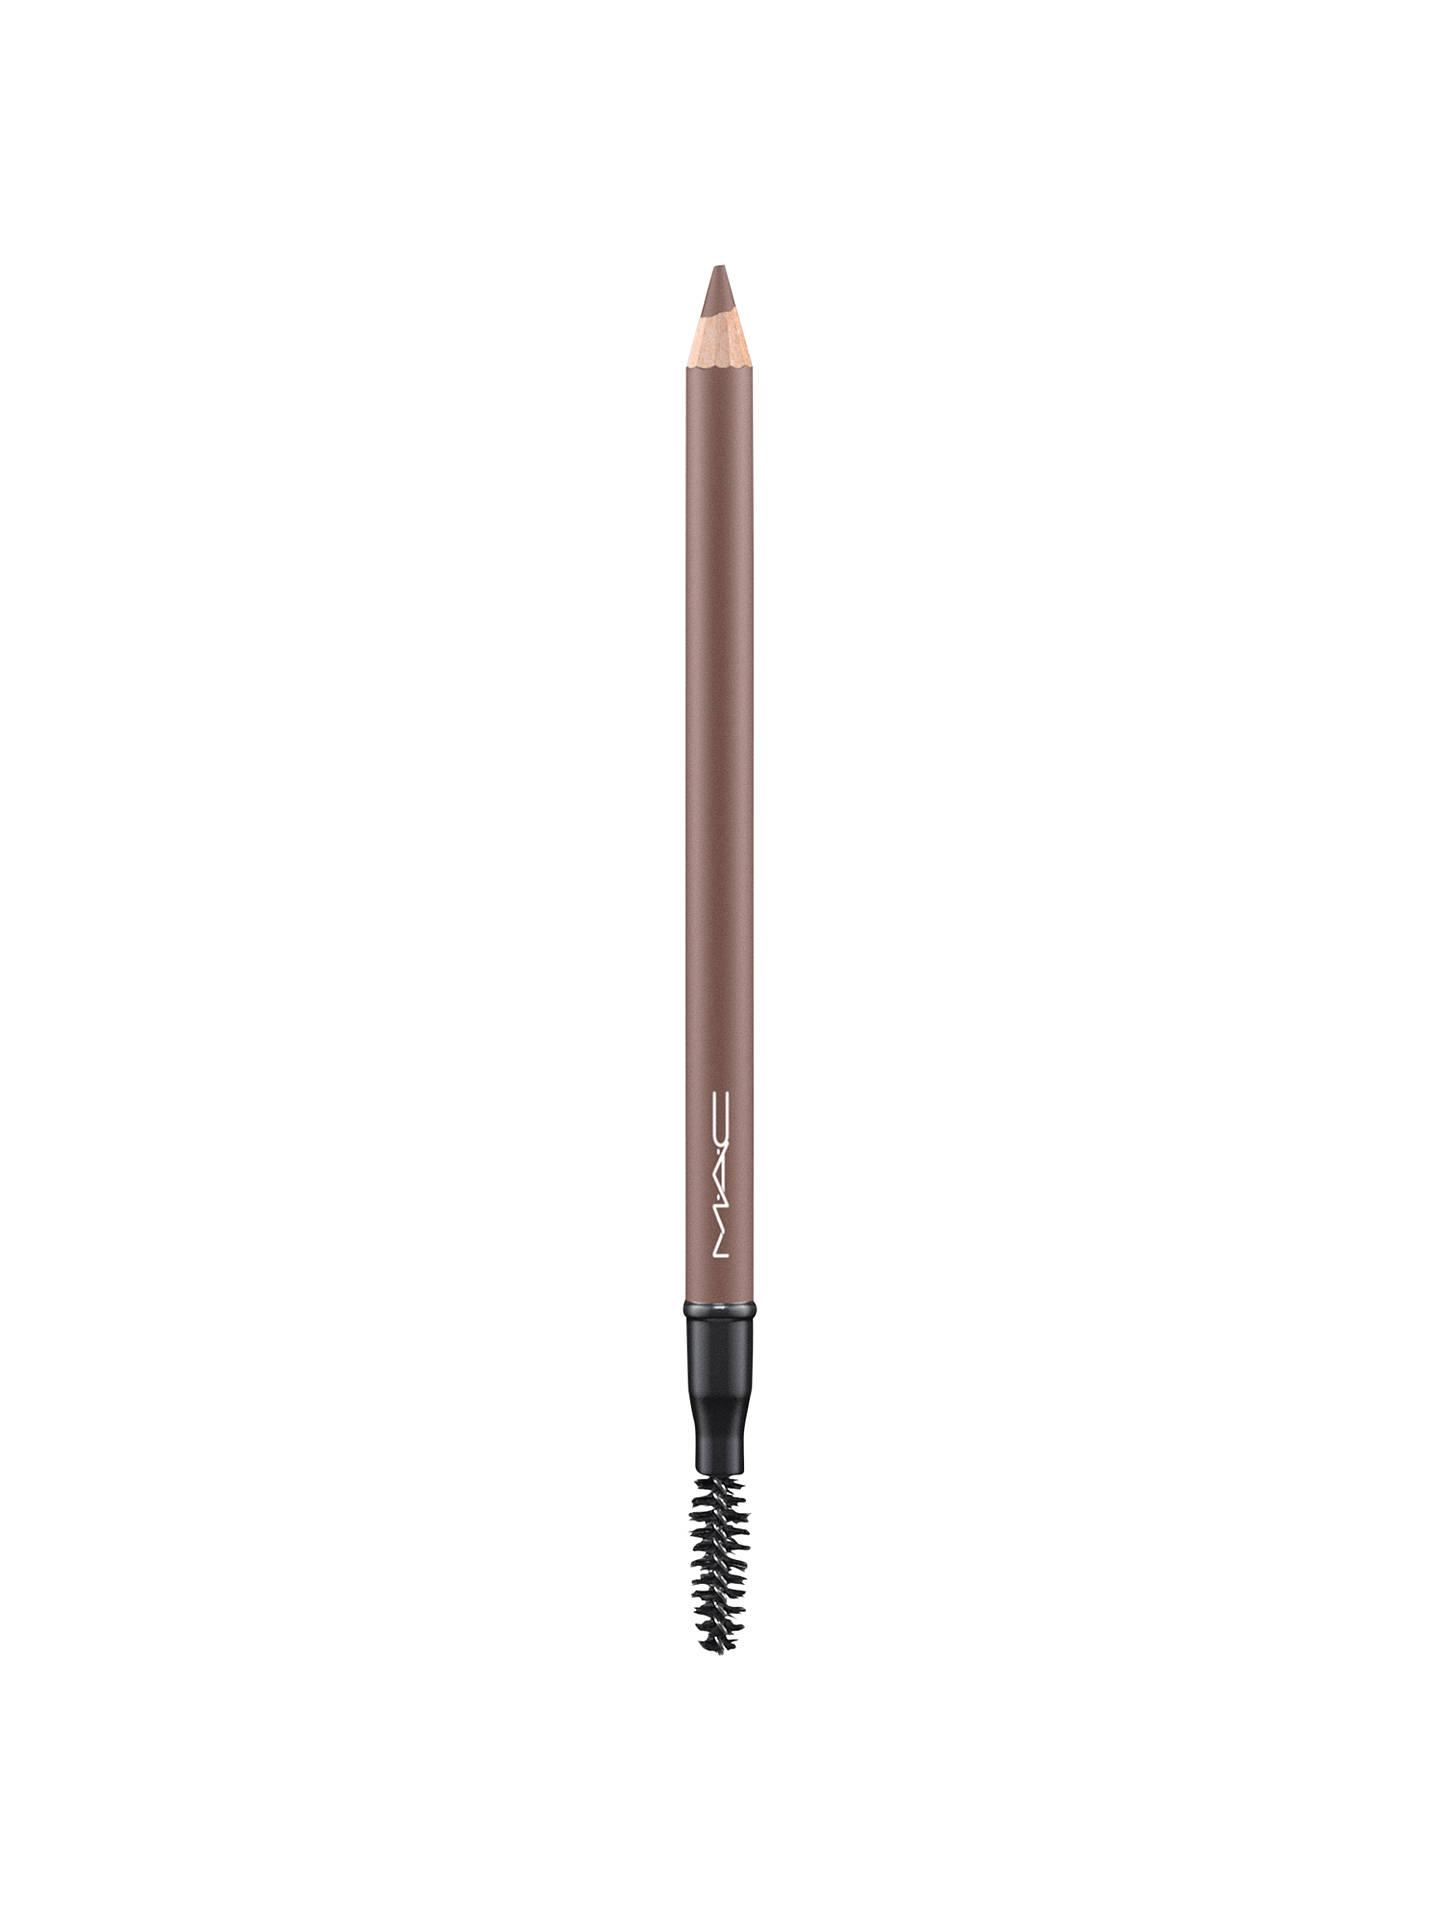 Mac veluxe brow liner fling lipstick